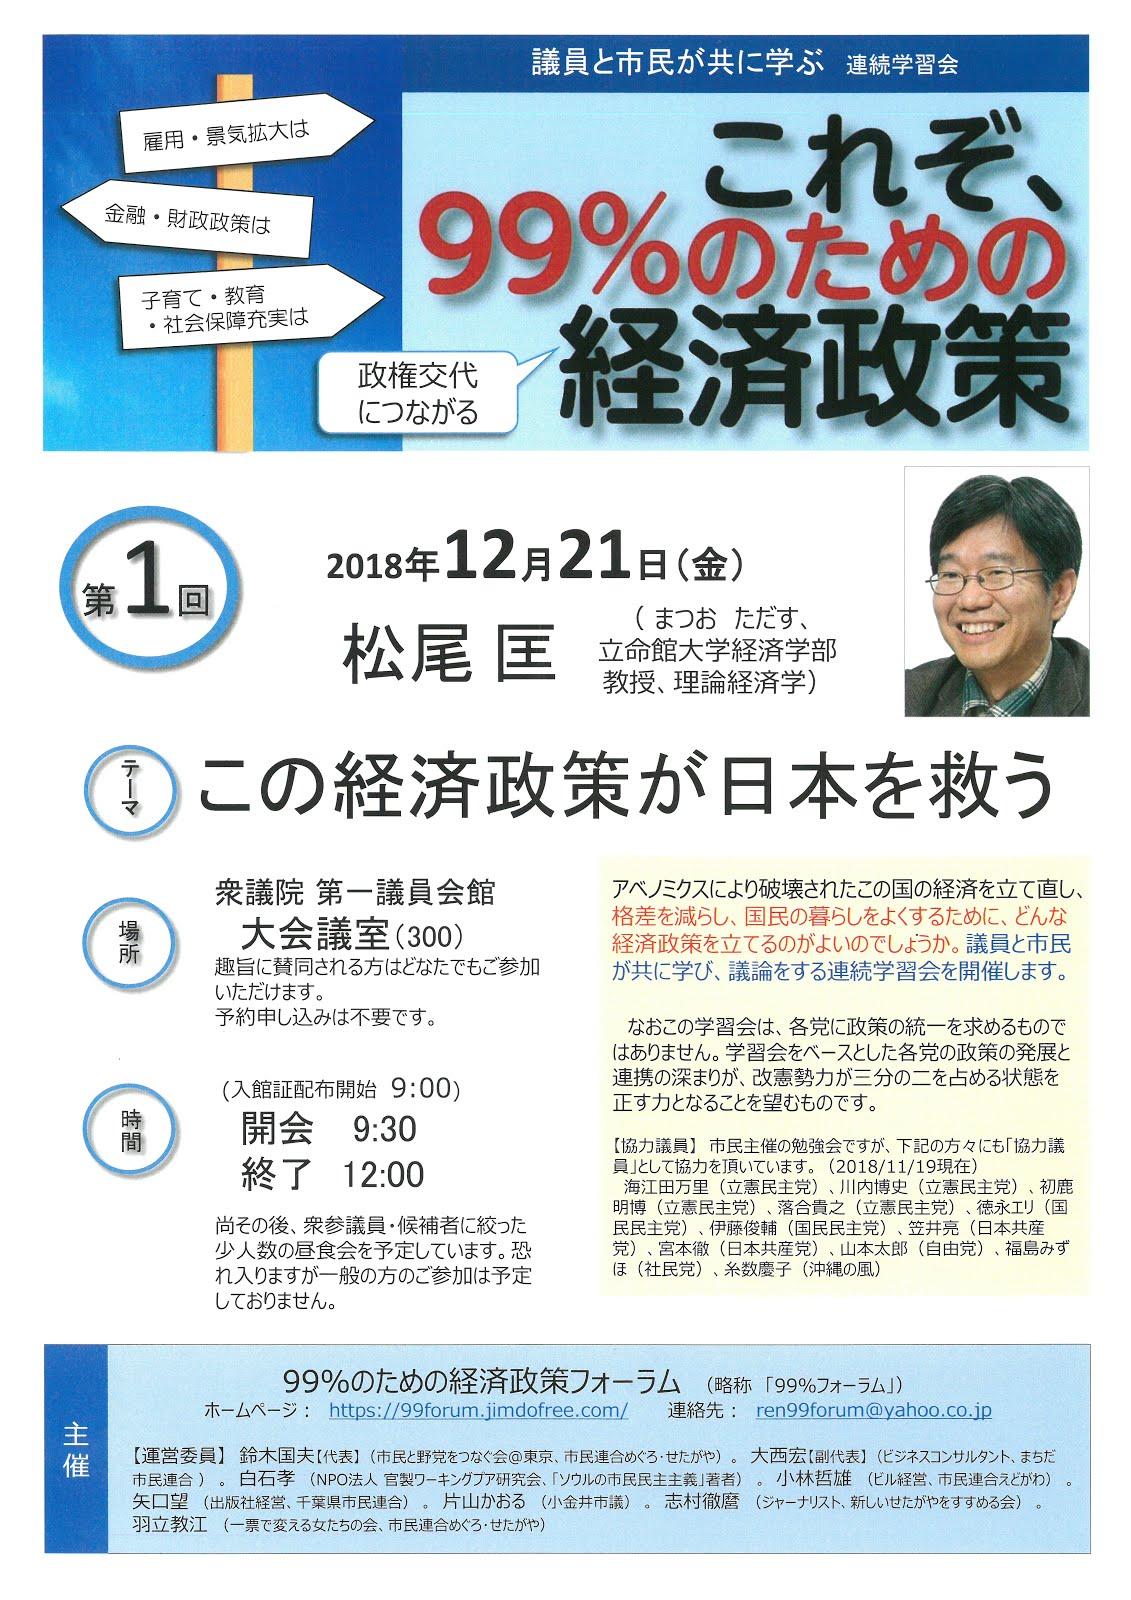 この経済政策が日本を救う!99%のための経済政策 12月21日(金)9:30~12:00衆議院第1議員会館地下大会議室